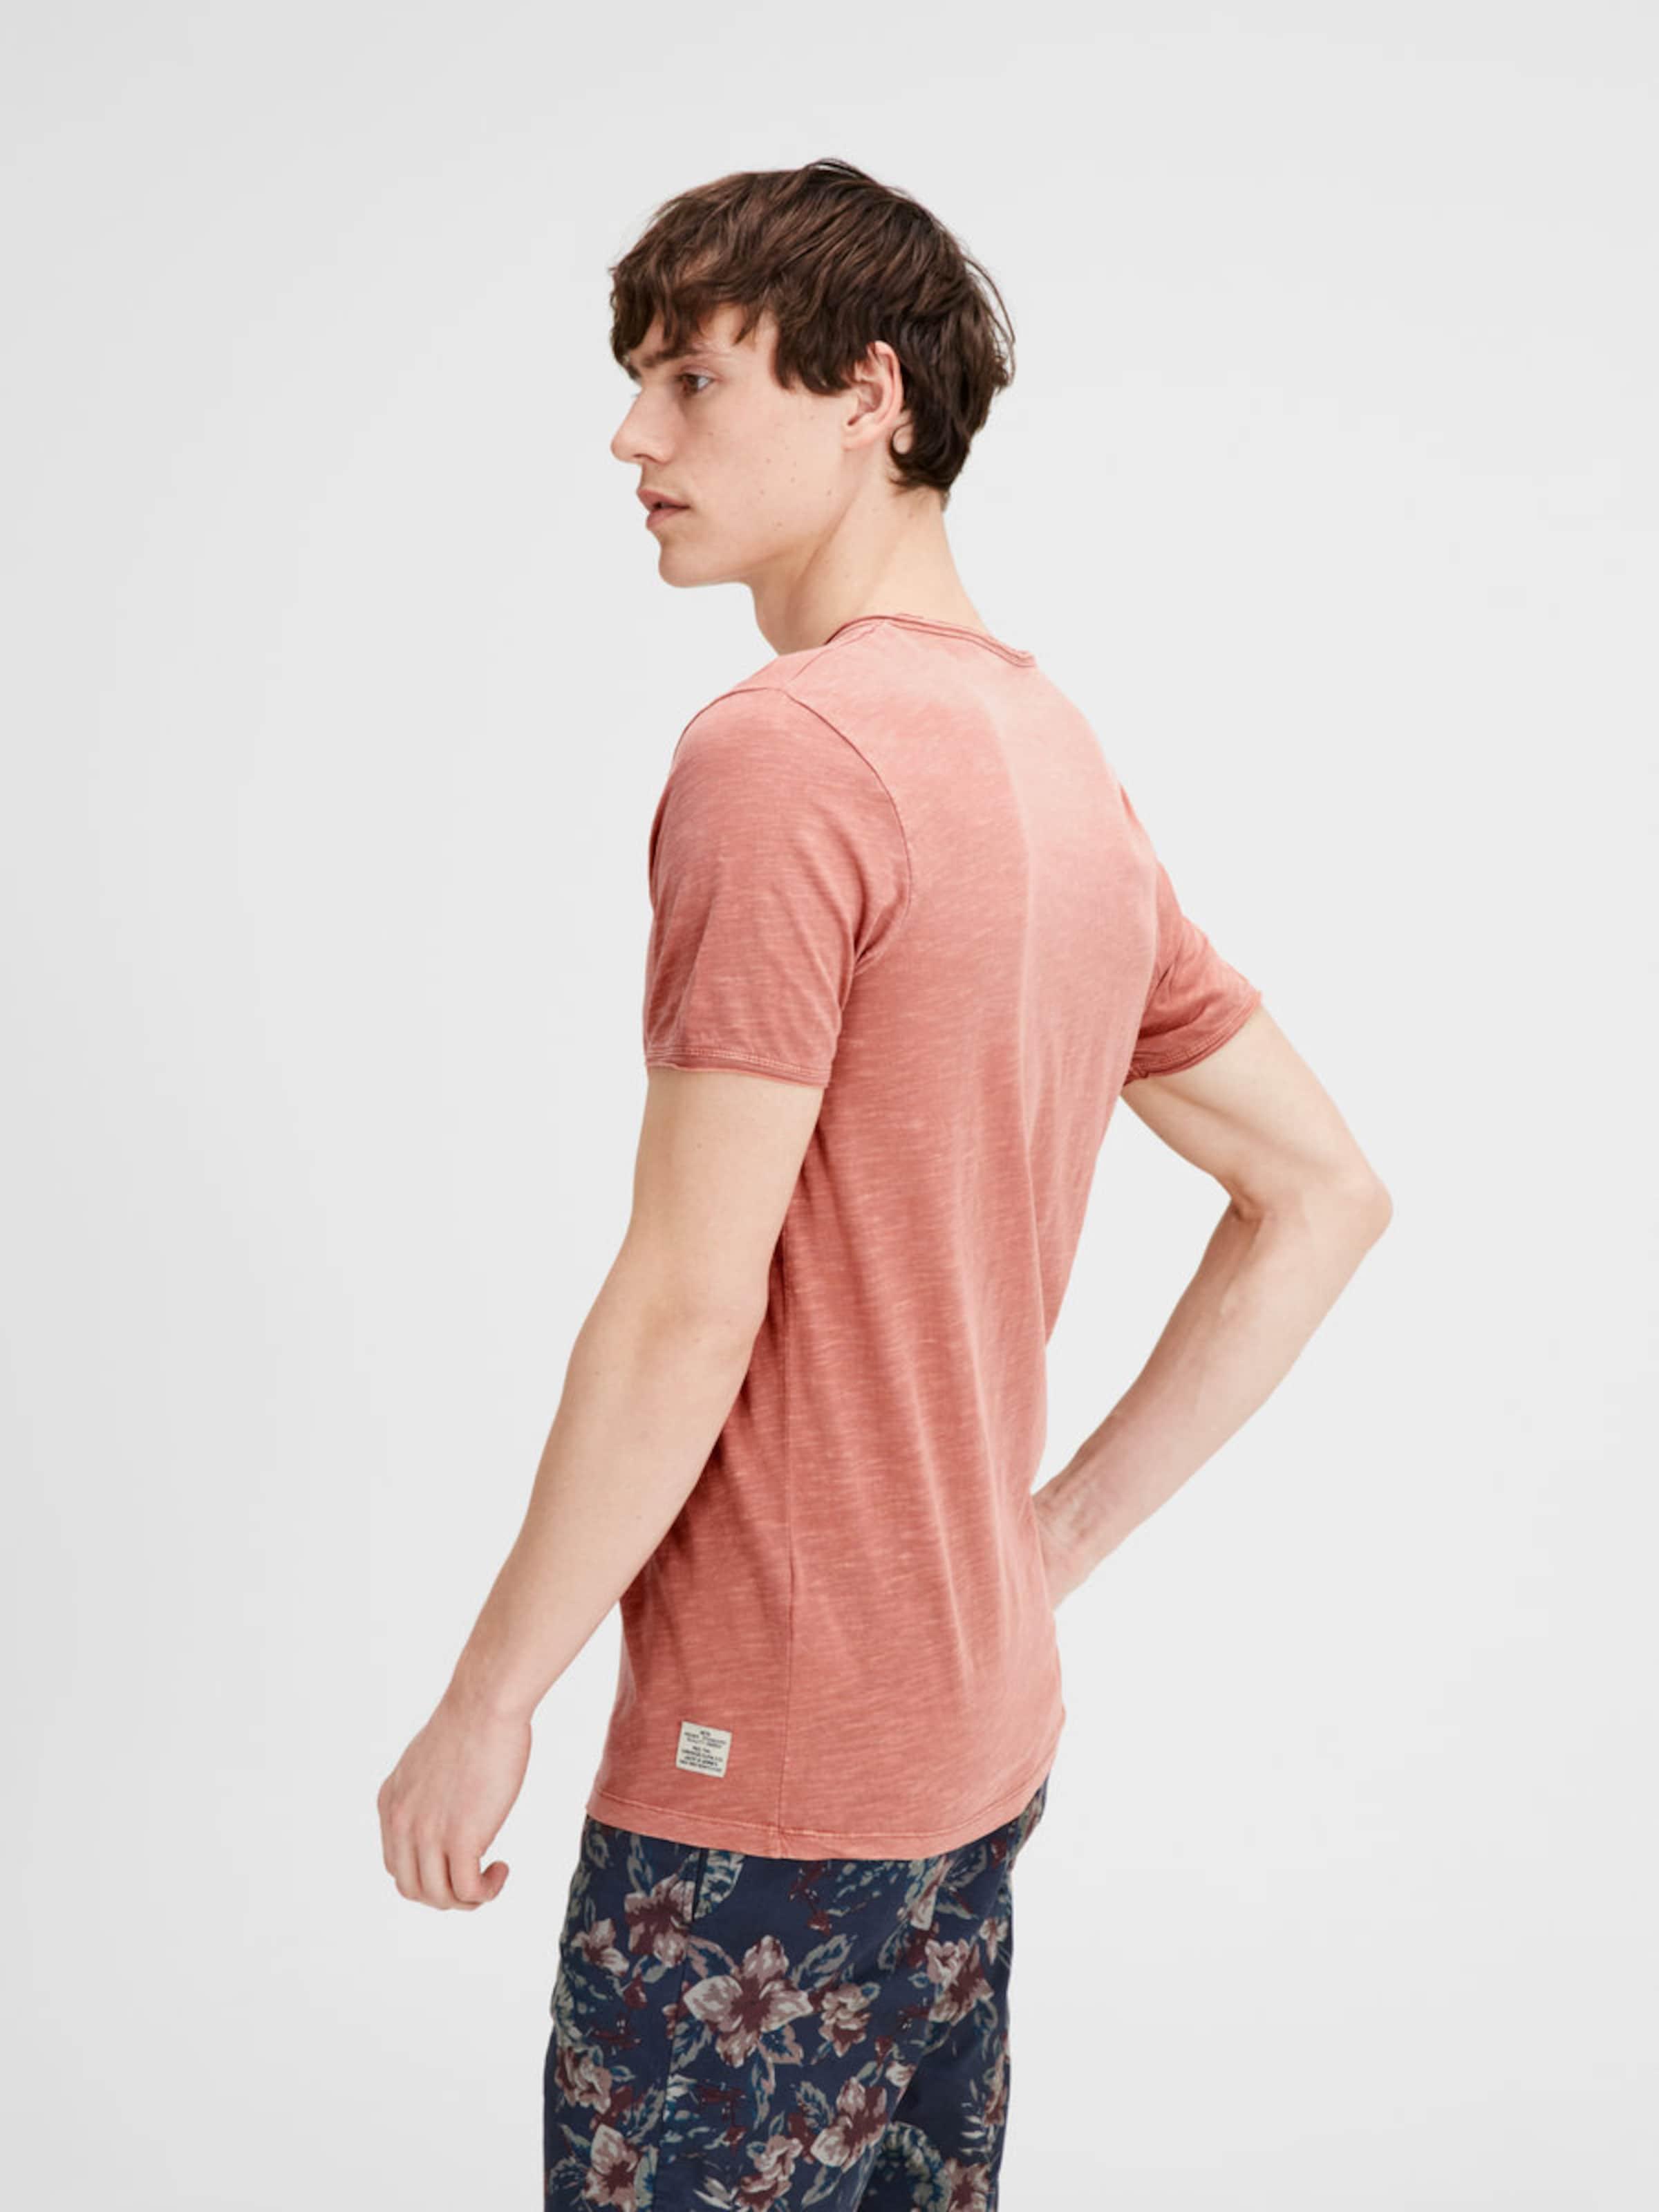 Billigsten Günstig Online JACK & JONES Split-Neck T-Shirt Outlet-Store Günstig Online ekPBY